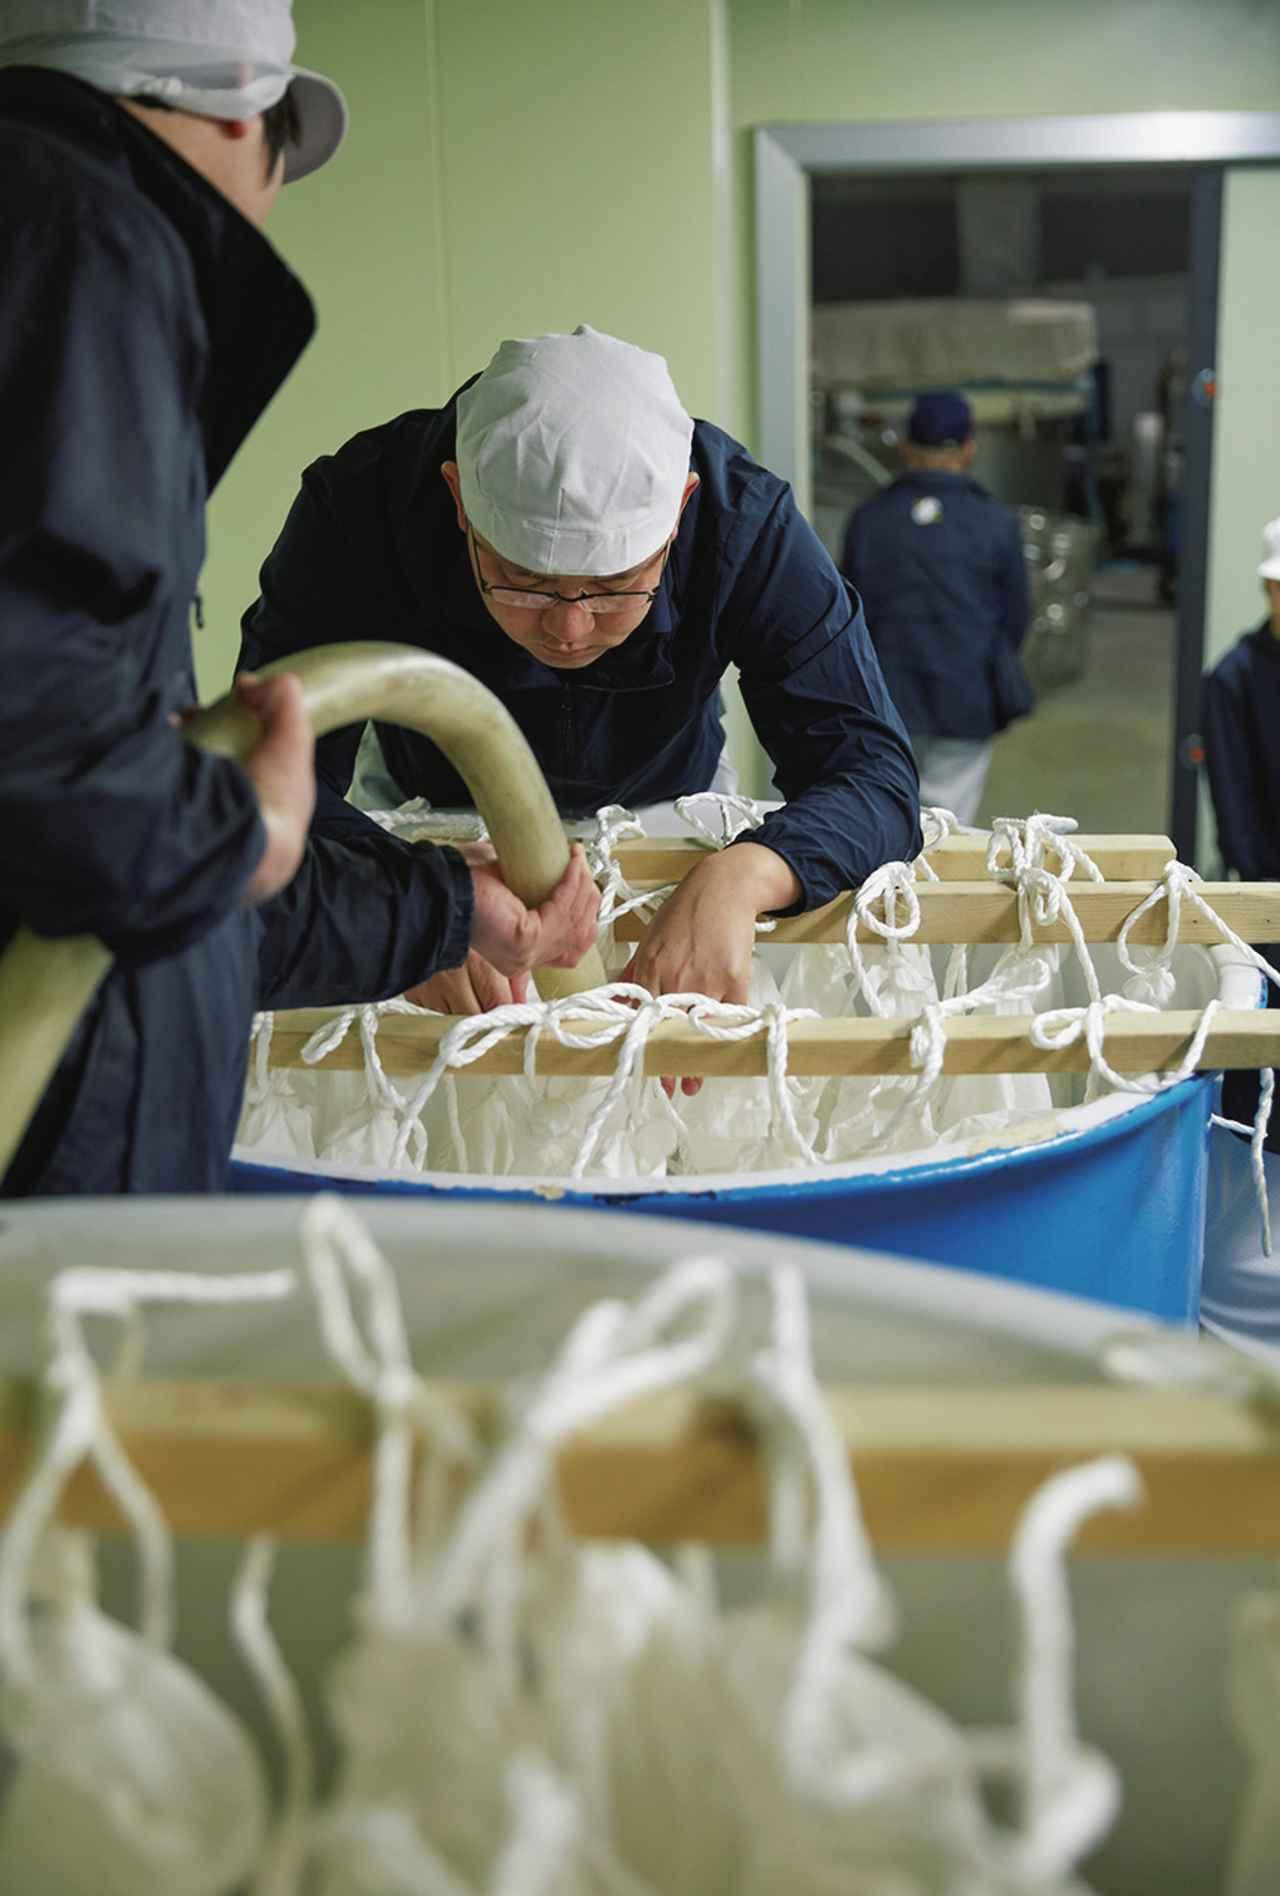 """Images : 2番目の画像 - 「""""付加価値のある酒""""で未来を拓く。 「日本酒応援団」の挑戦<前編>」のアルバム - T JAPAN:The New York Times Style Magazine 公式サイト"""